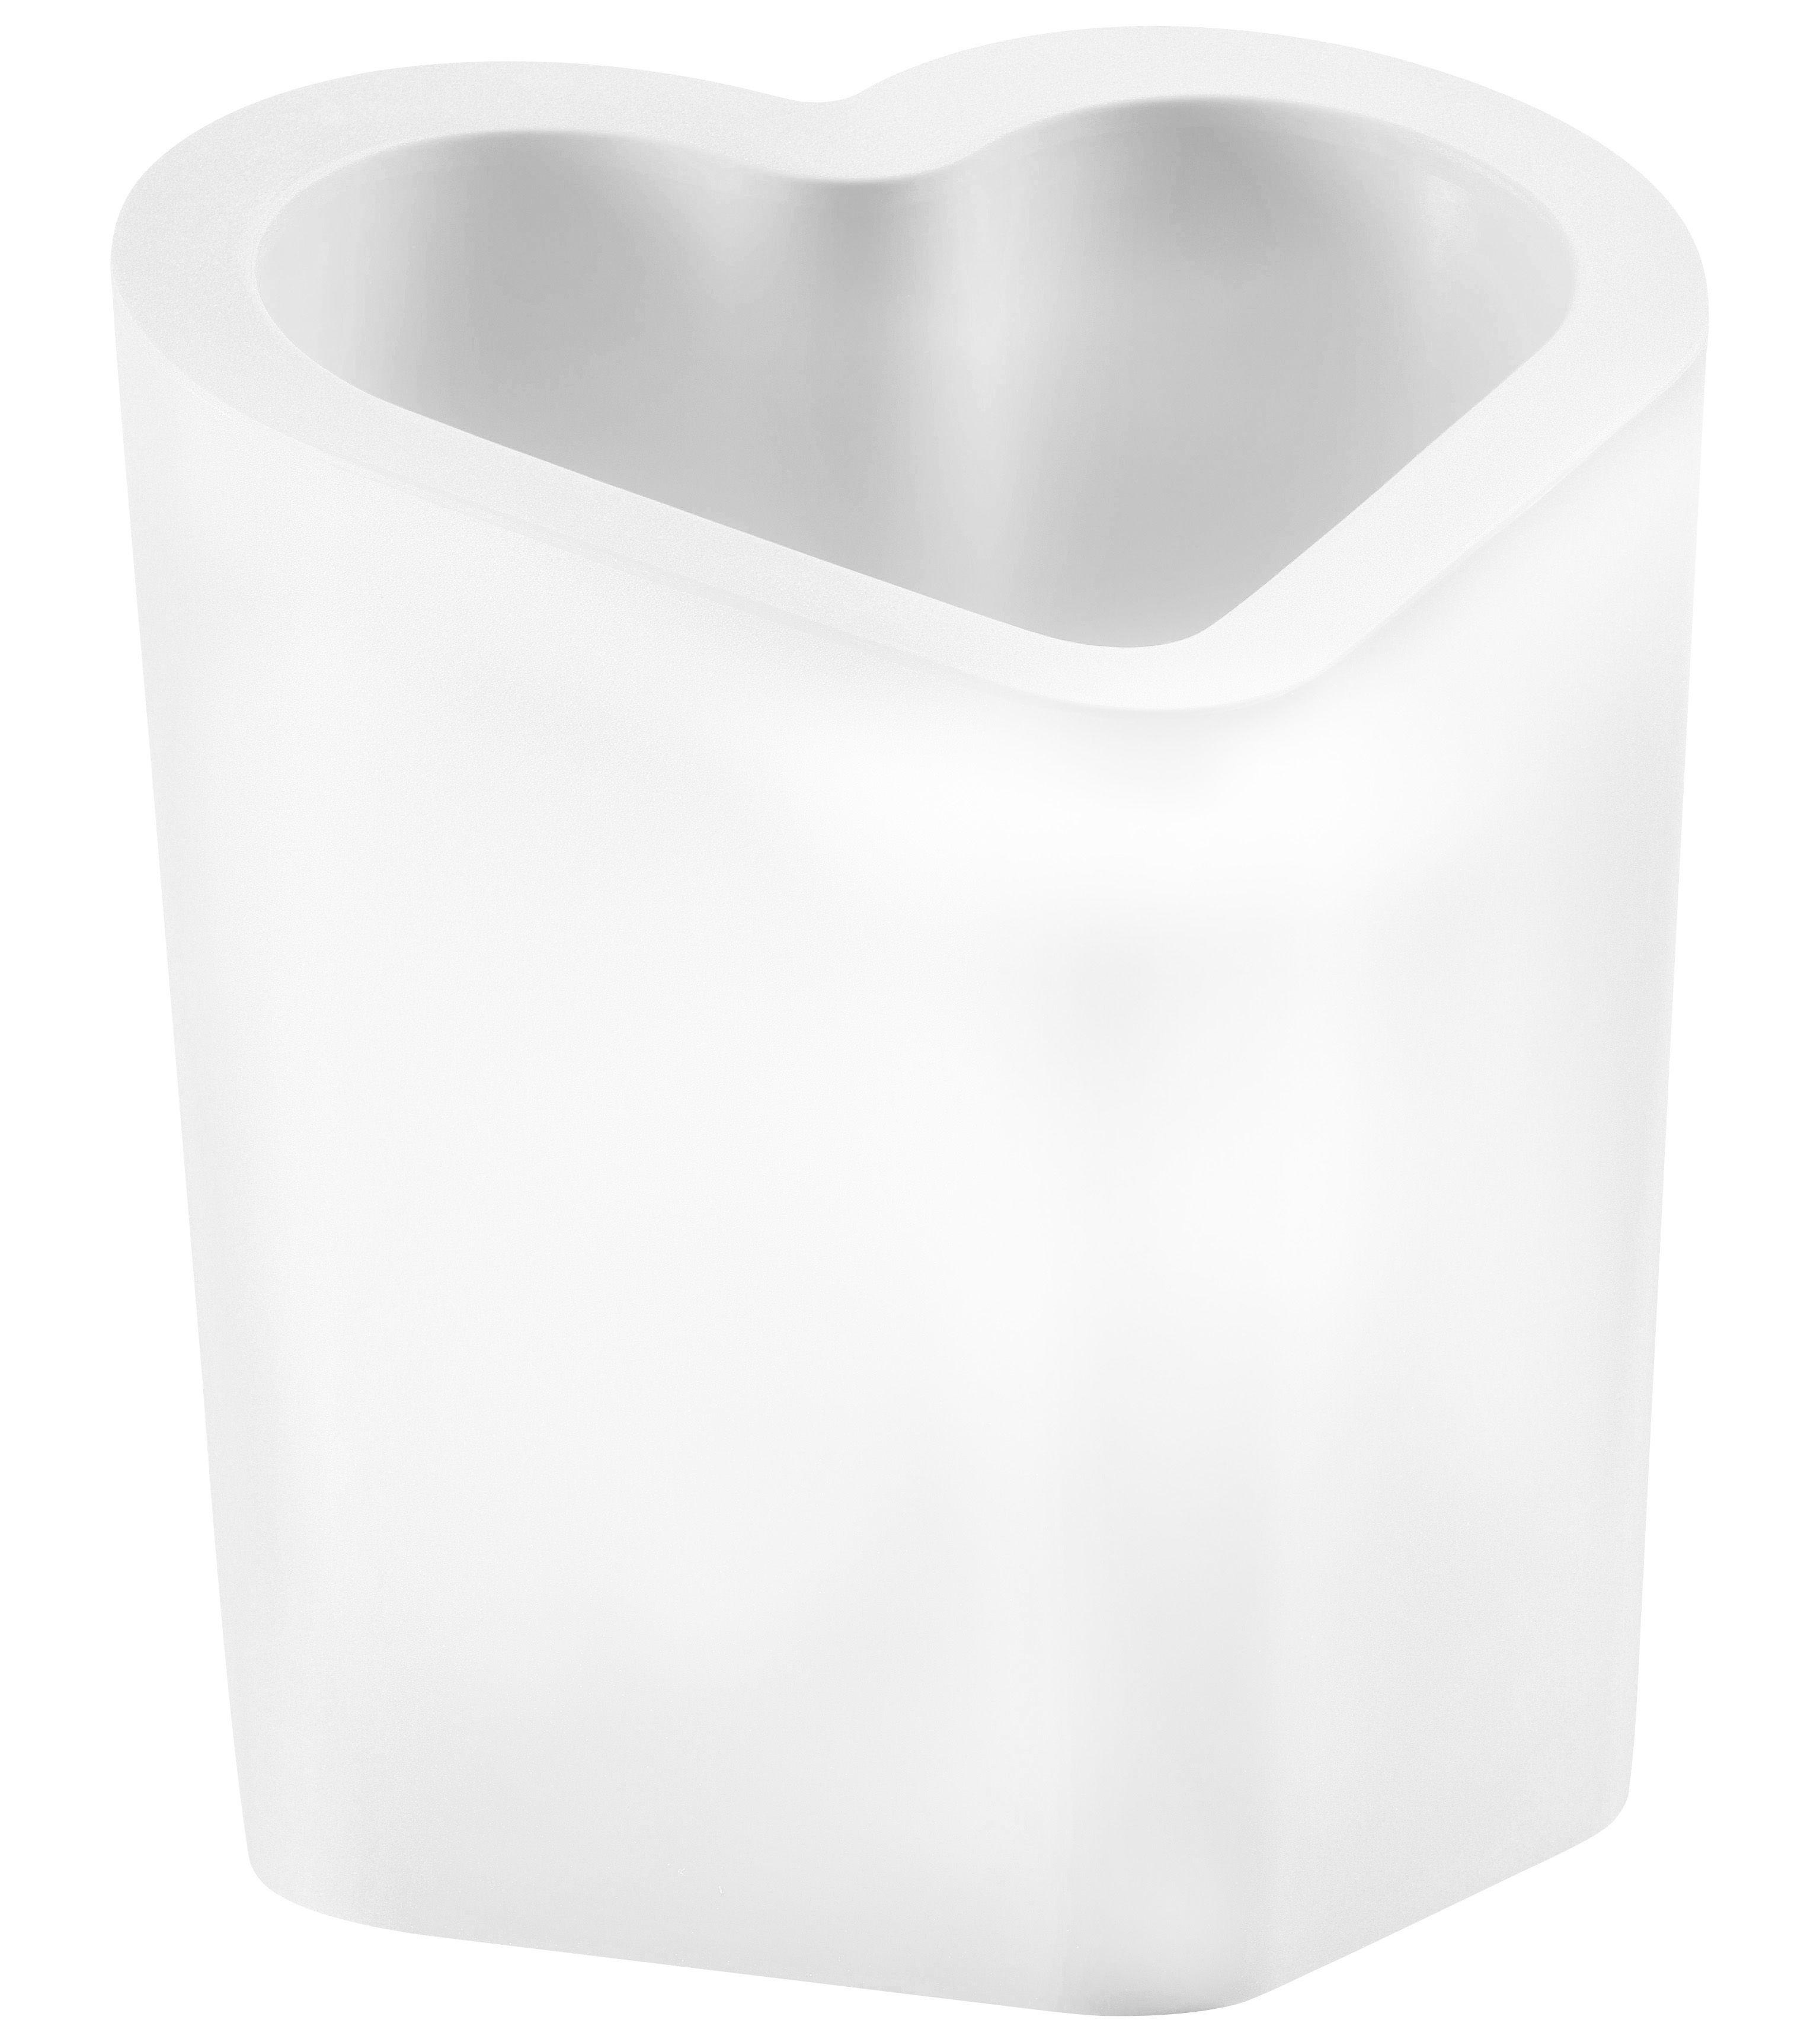 Möbel - Leuchtmöbel - Mon Amour leuchtender  Flaschenhalter - Slide - Weiß - für den Außeneinsatz geeignet - recycelbares Polyethen